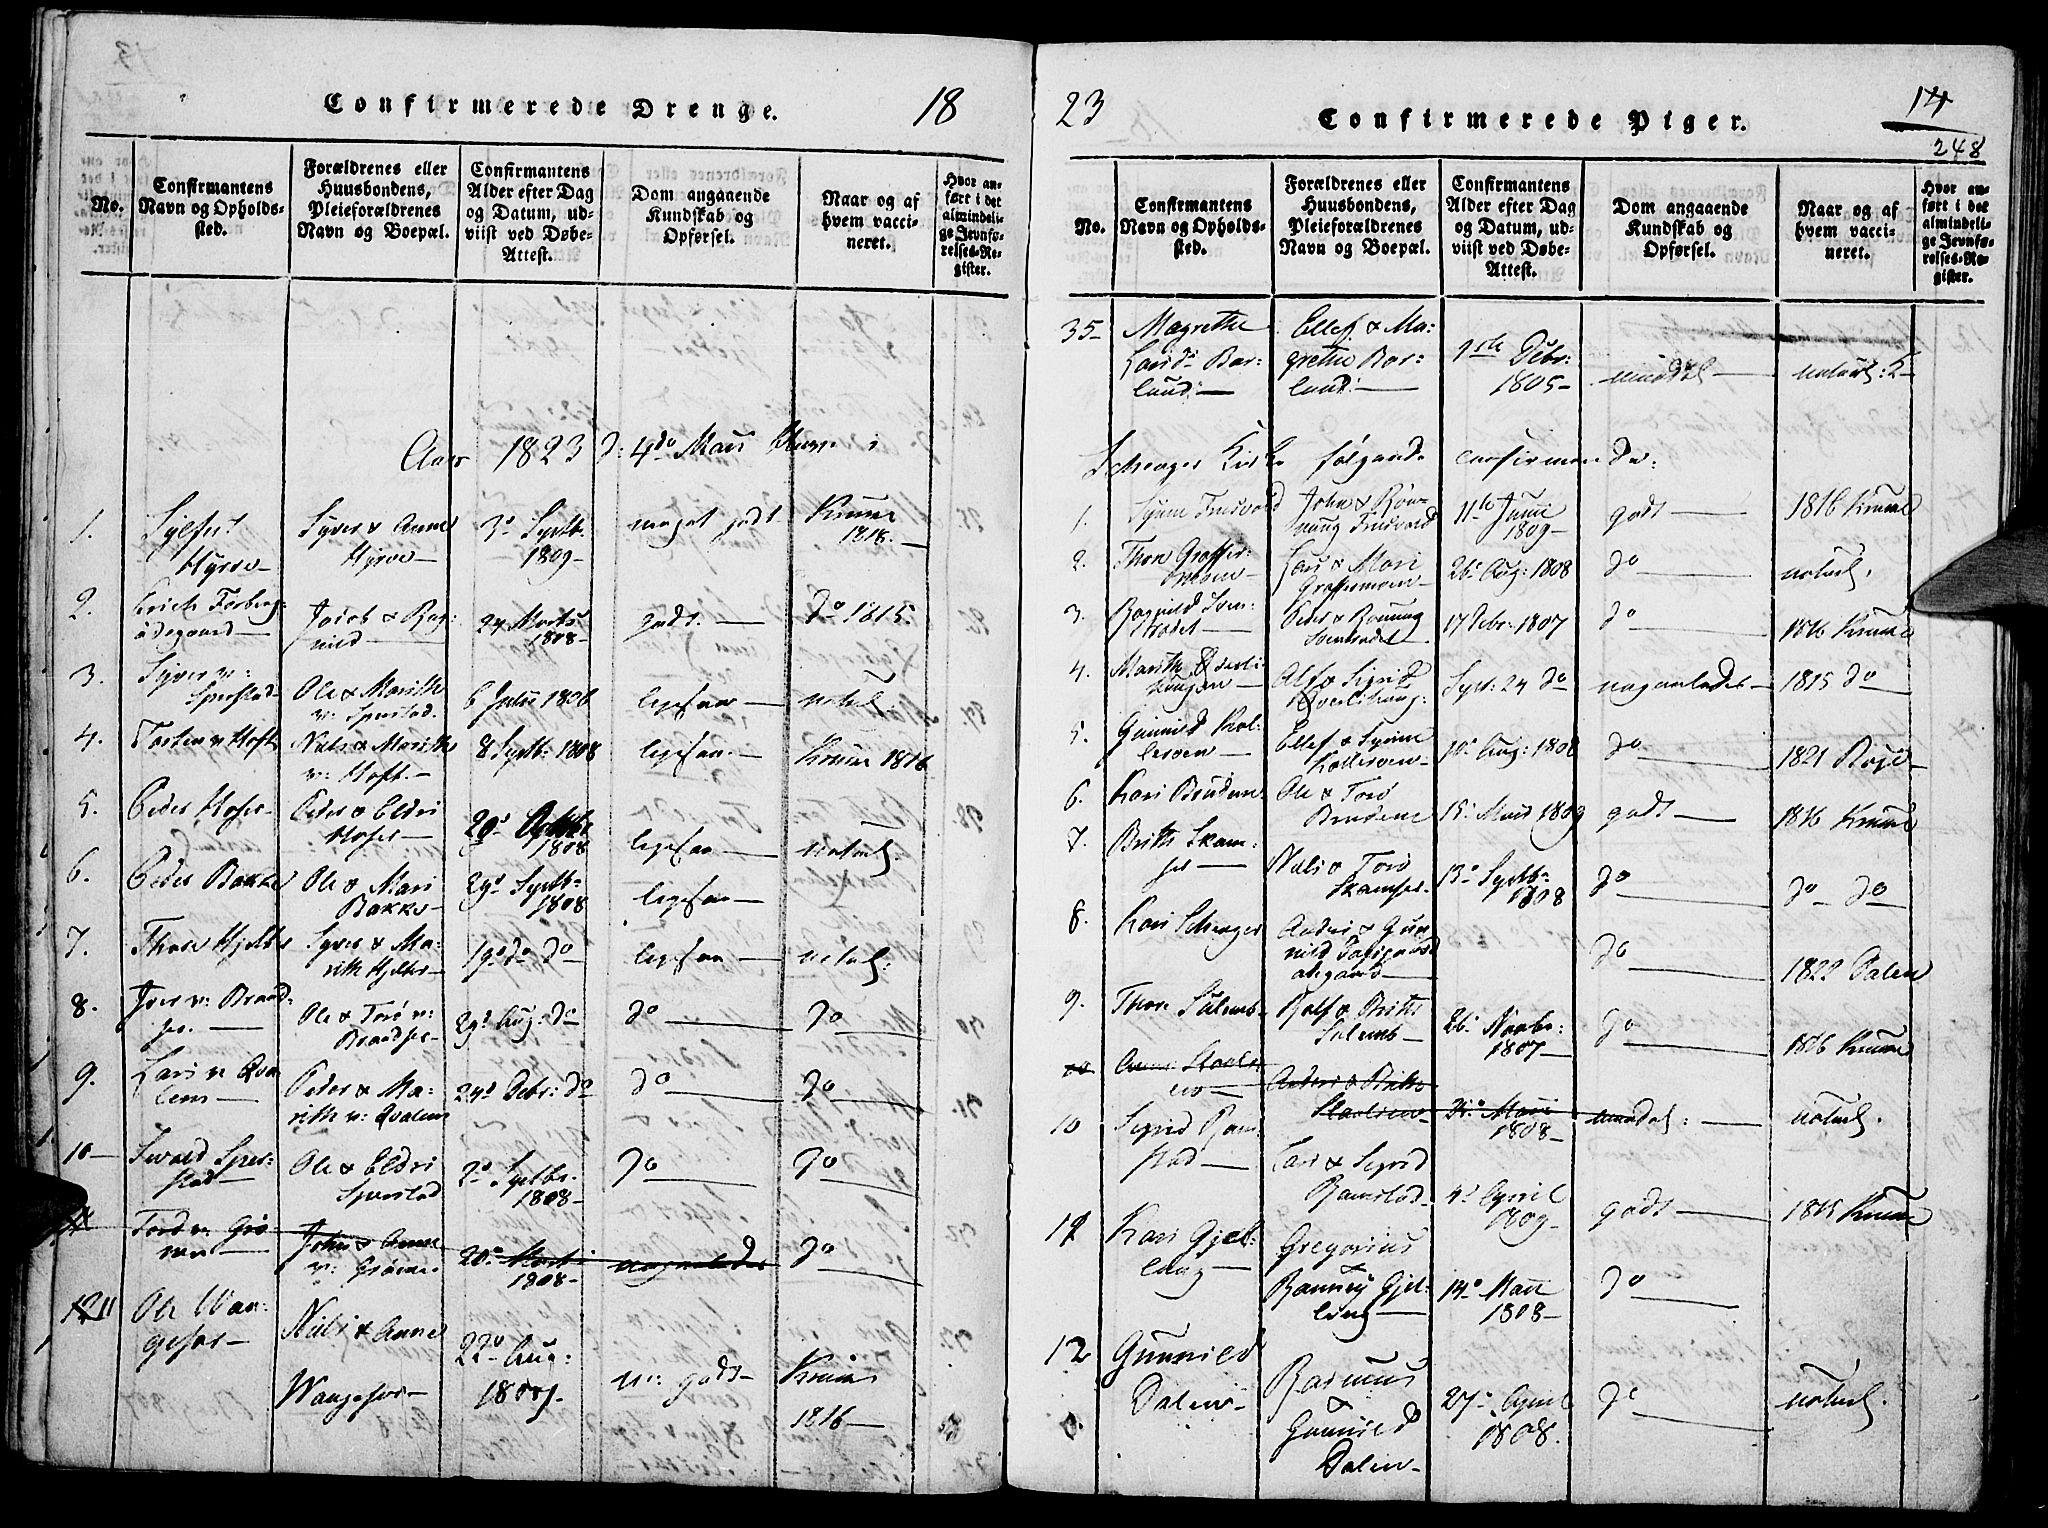 SAH, Lom prestekontor, K/L0004: Ministerialbok nr. 4, 1815-1825, s. 248